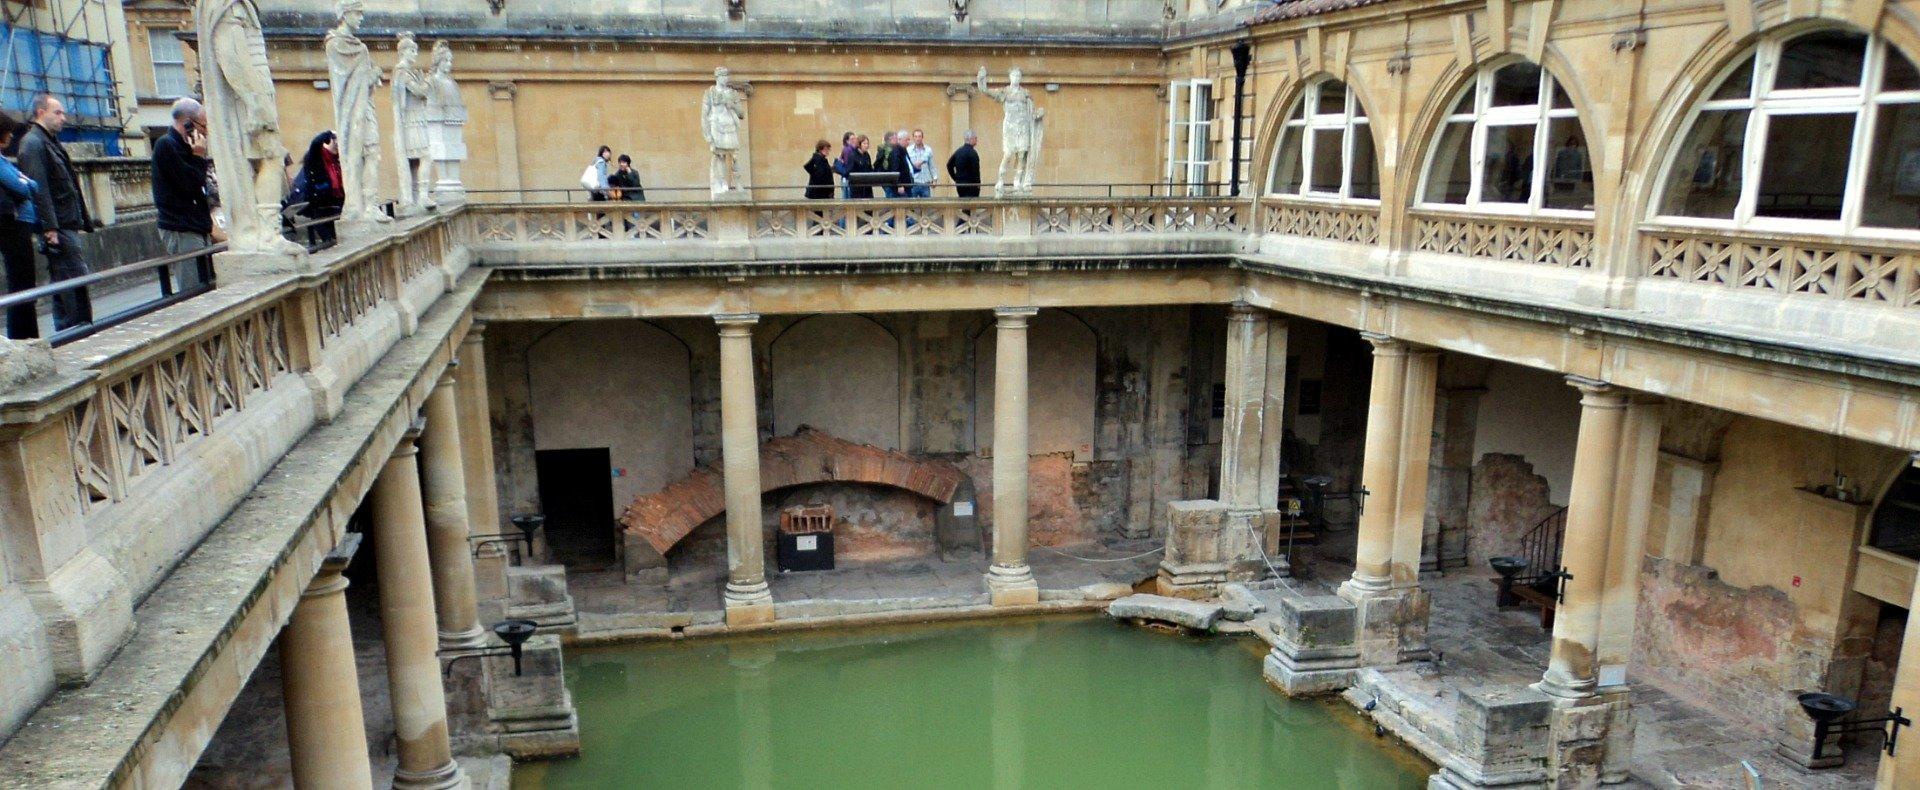 Bath, United Kingdom Gallery